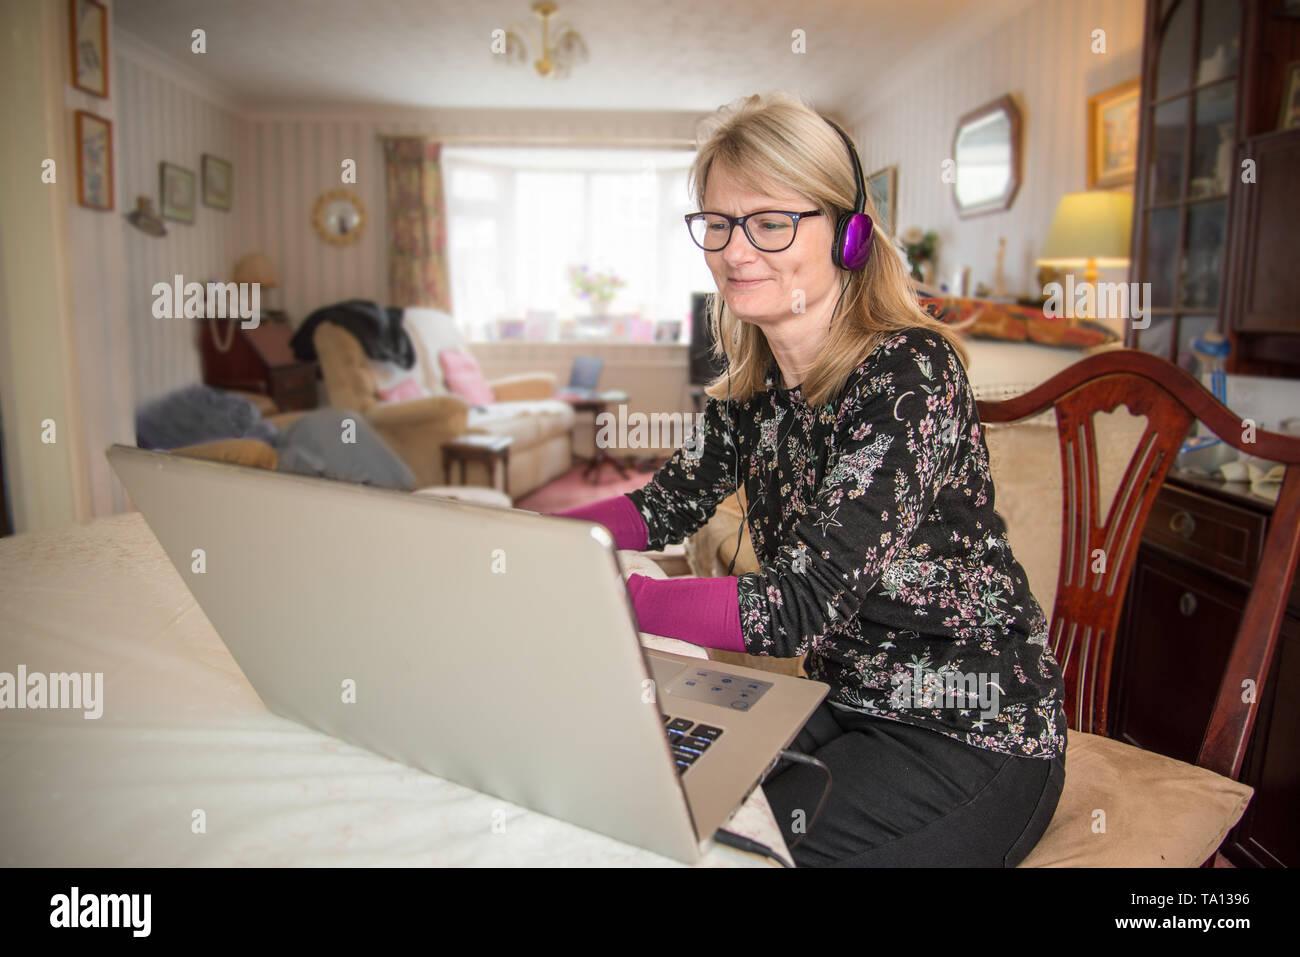 Una madre que trabaja en casa,online con su ordenador mirando su pantalla con interés. Foto de stock